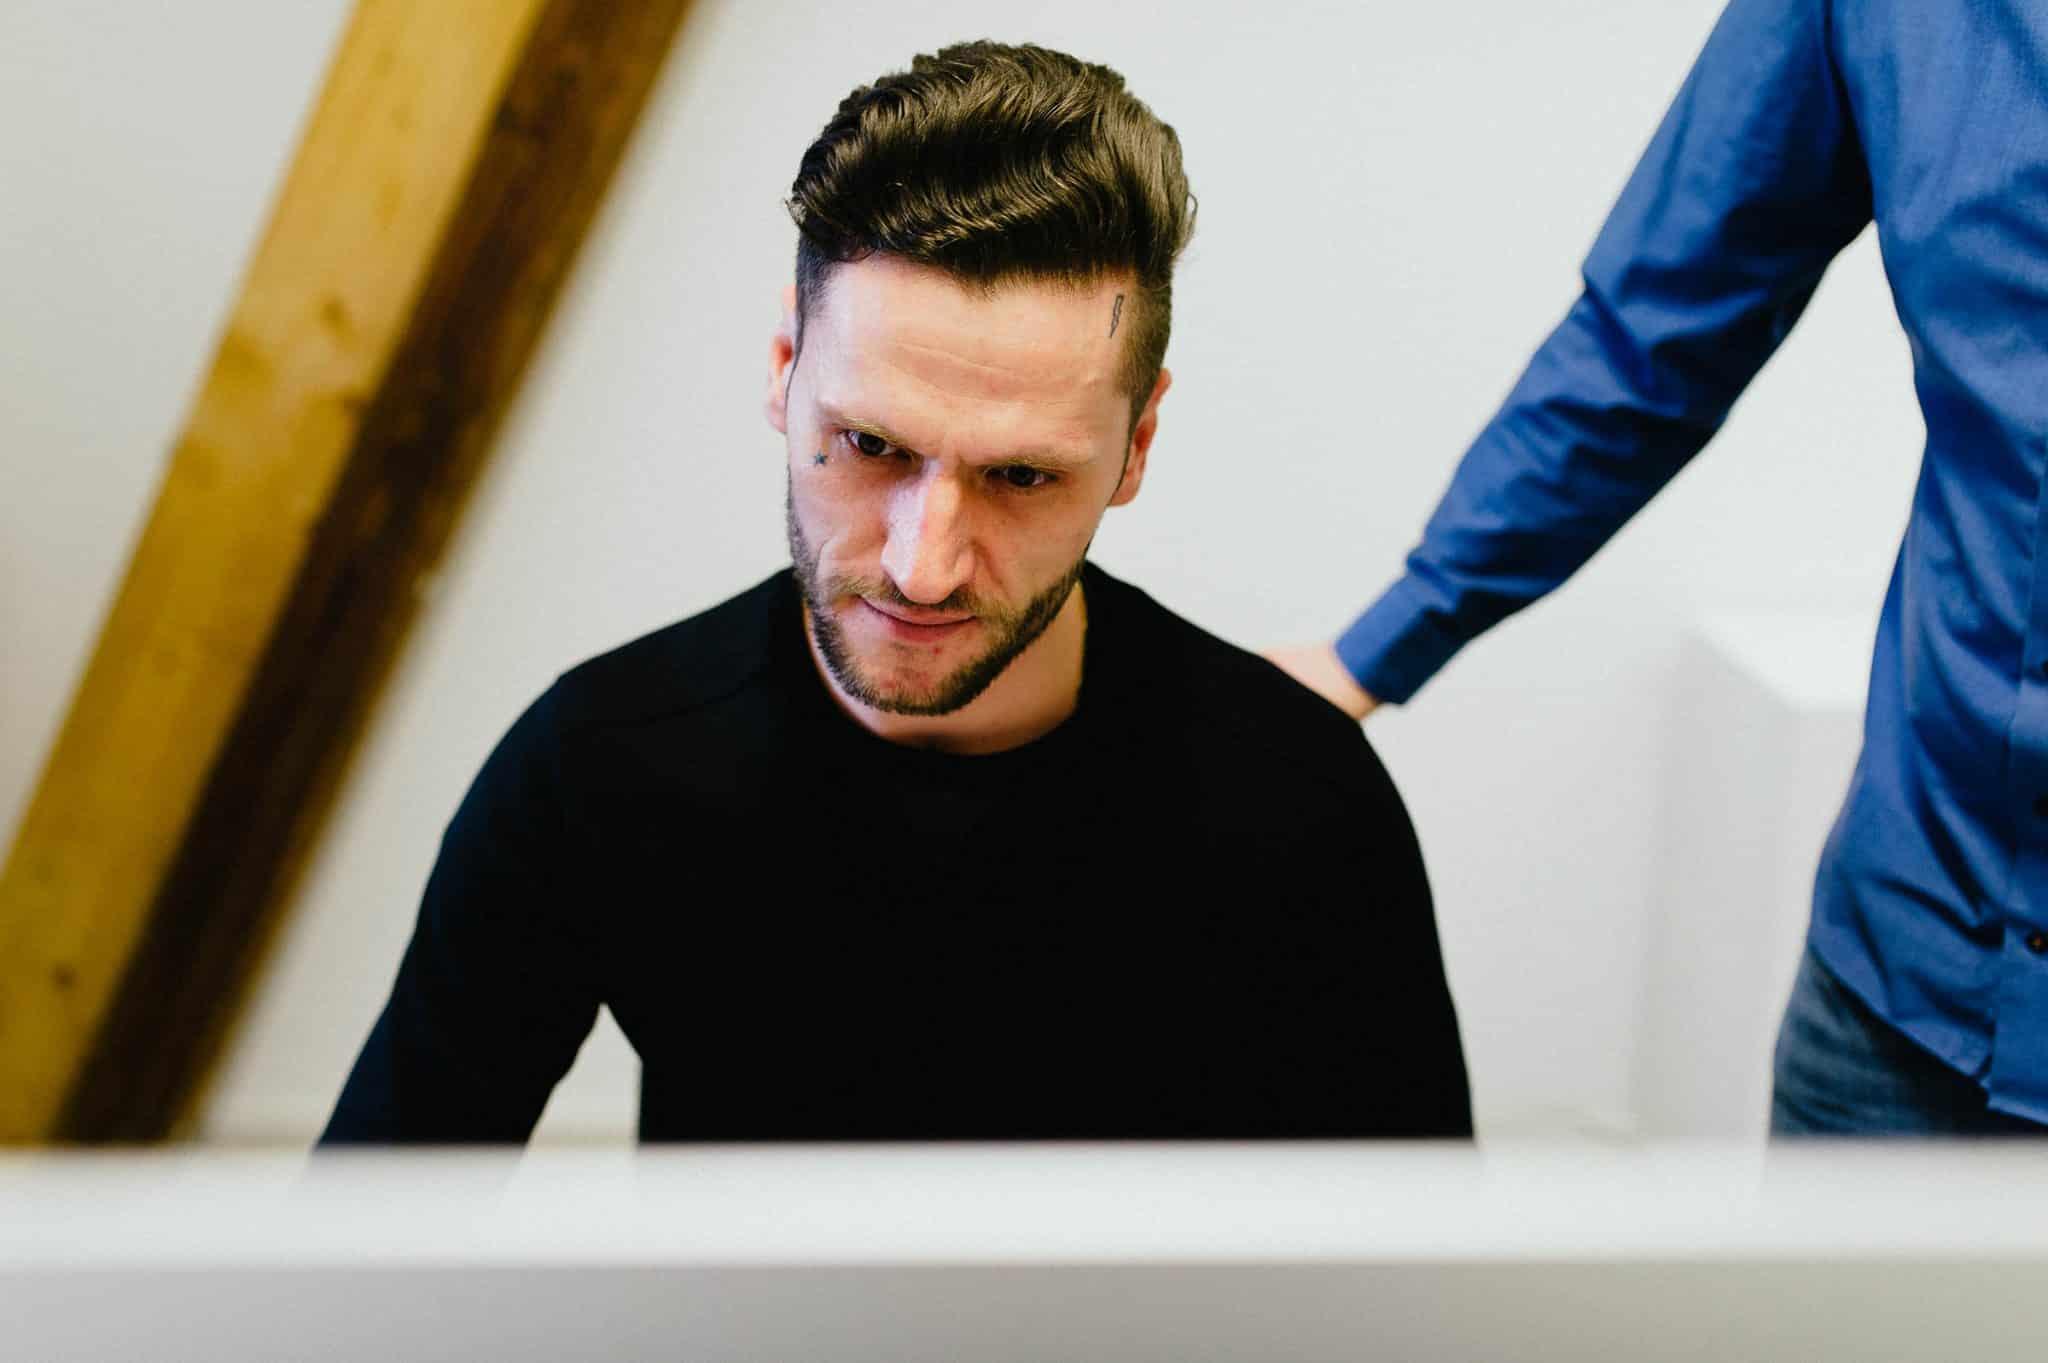 Designer der Agentur Heldenstreich arbeitet an einem Employer Branding Projekt